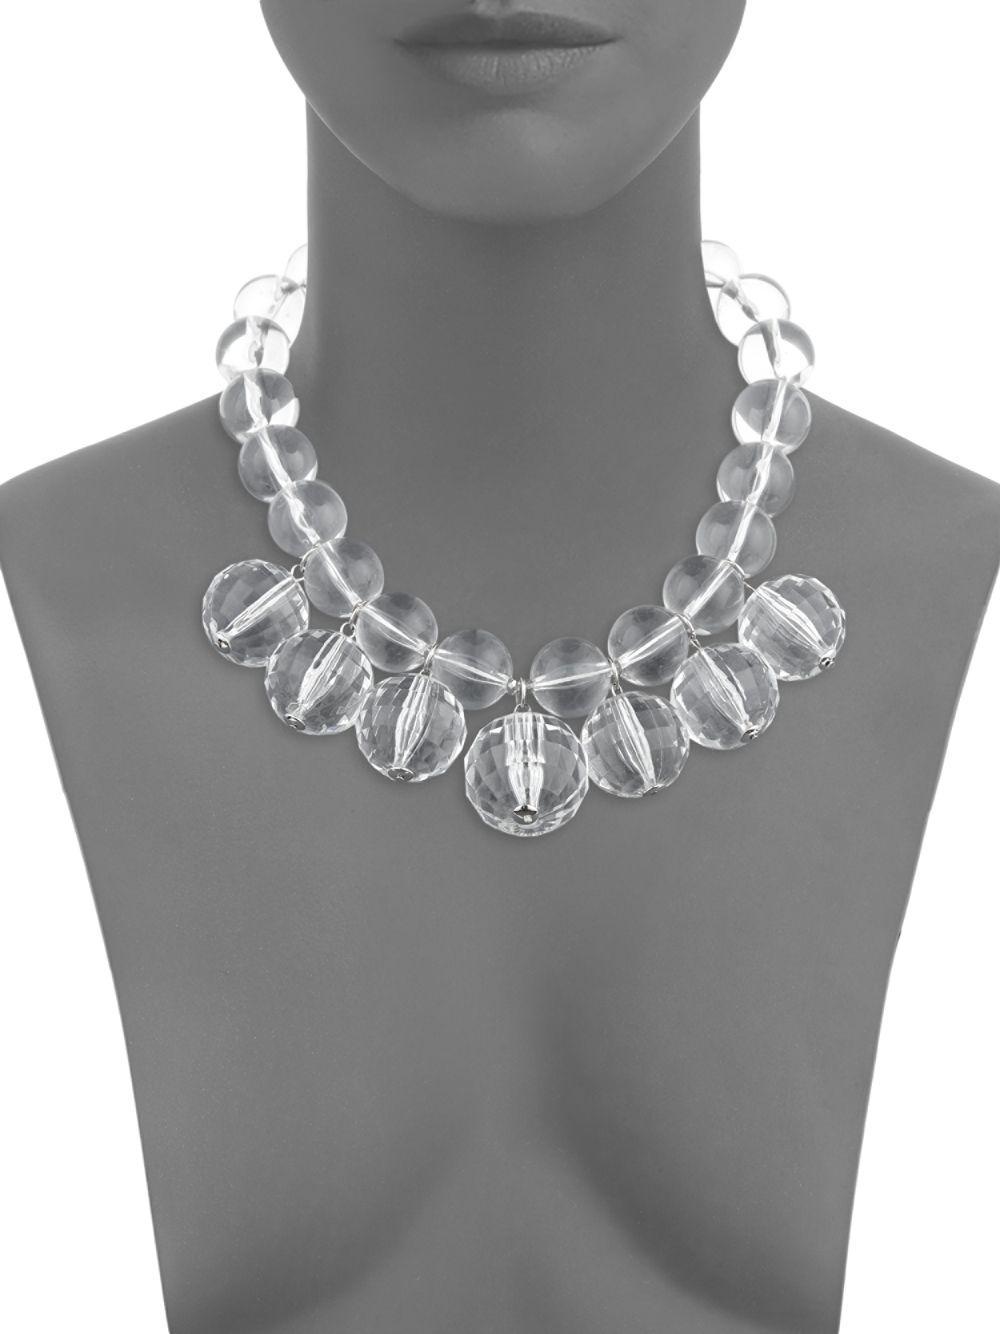 Natasha Couture Crystal Disco Ball Collar Necklace in Silver (Metallic)